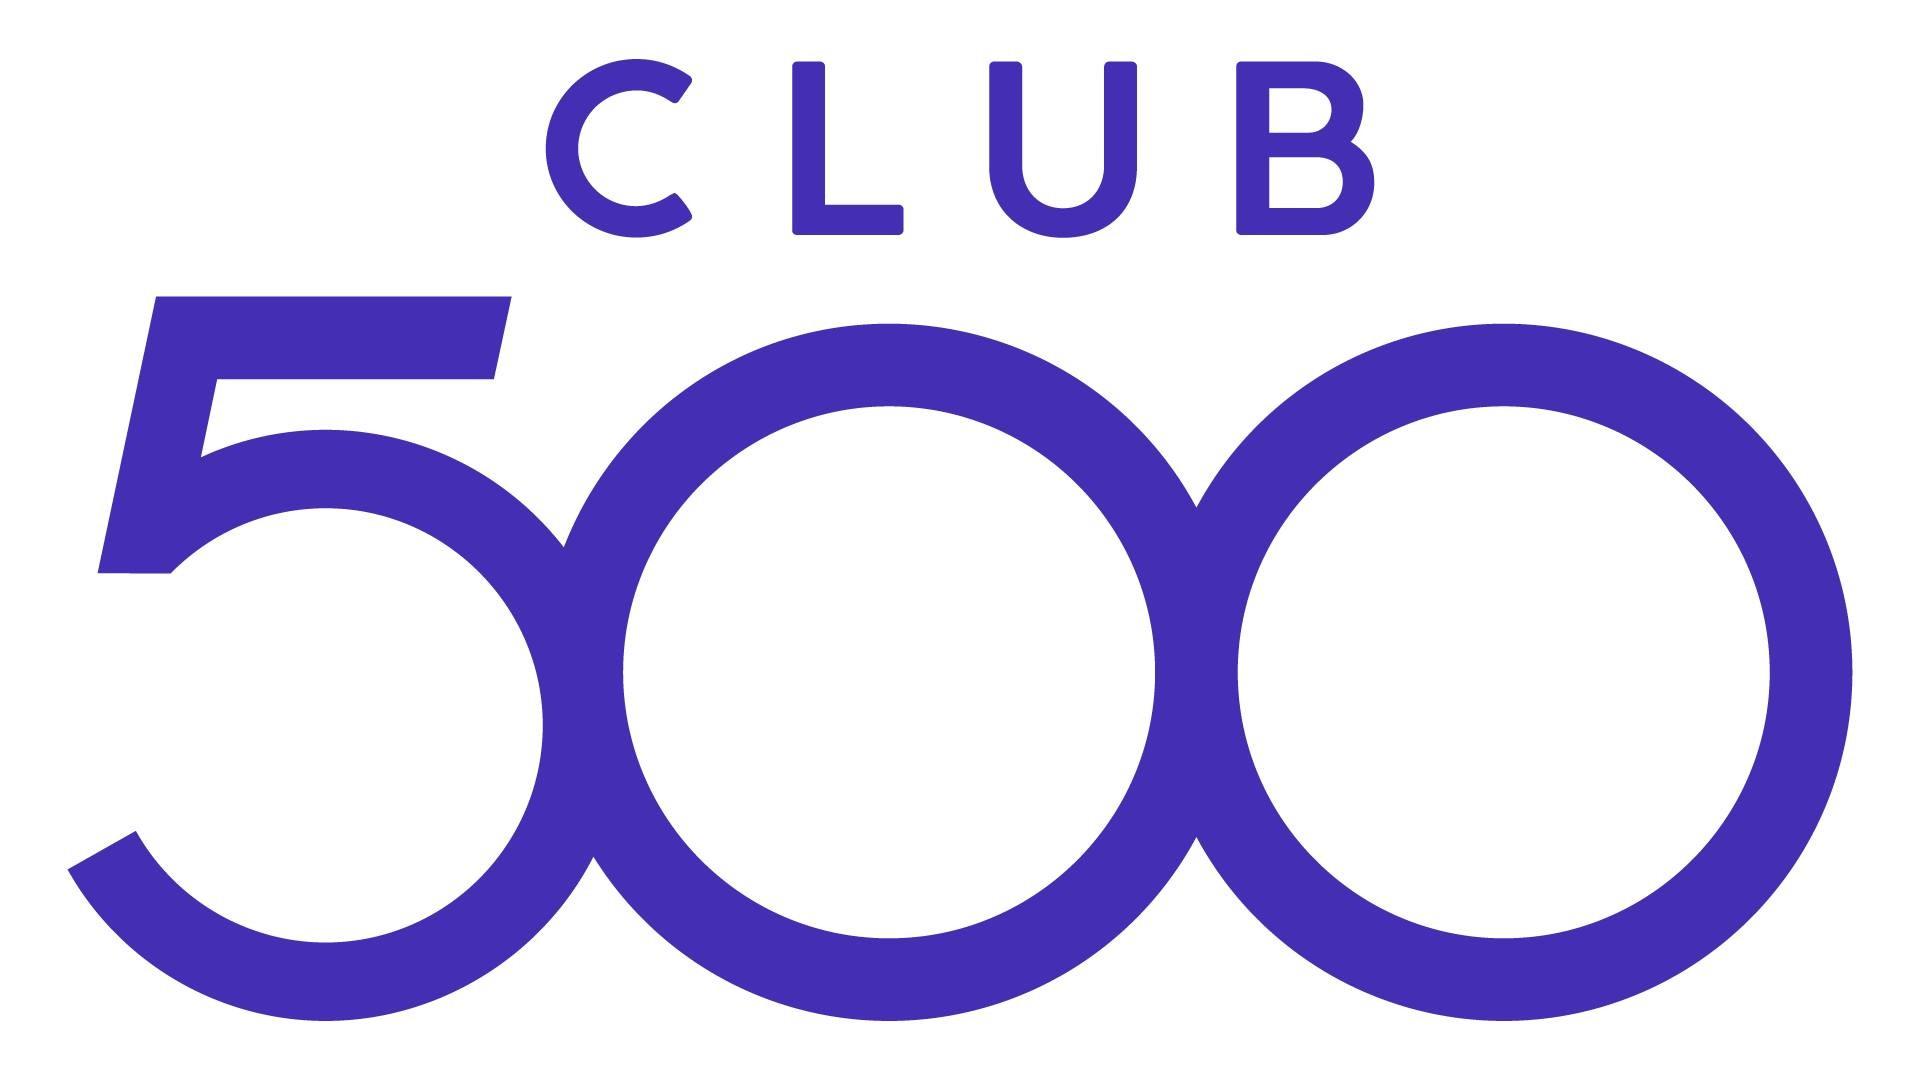 Москва клуб 500 играть в музыку ночной клуб